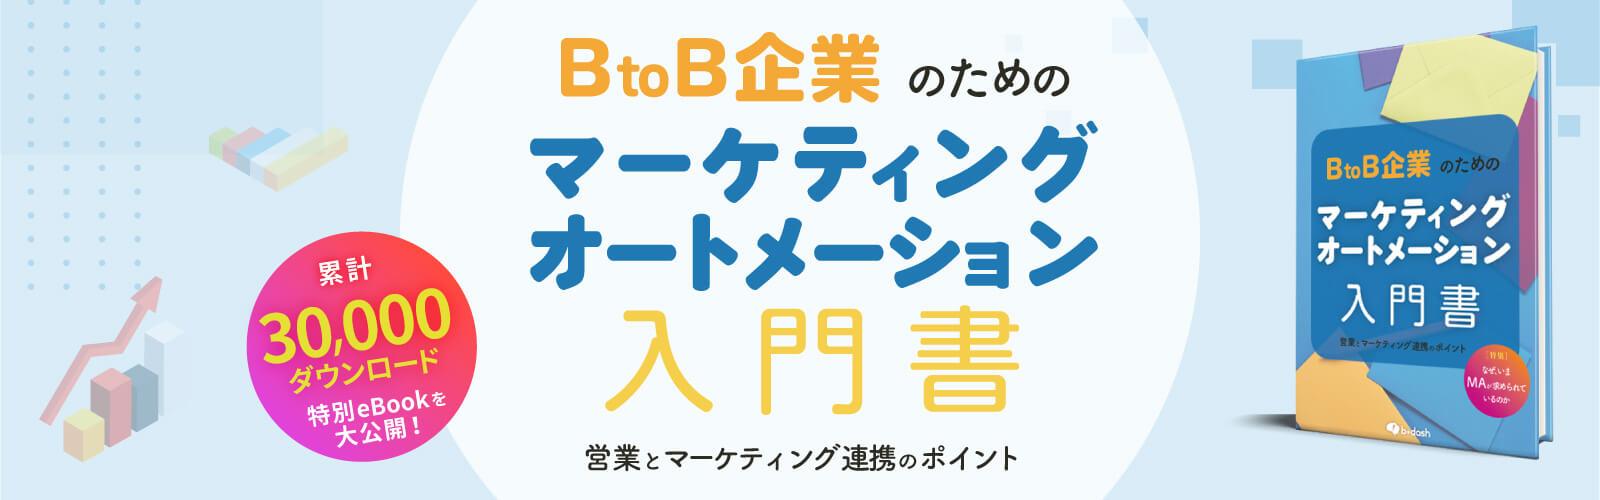 BtoB企業のためのMA入門書